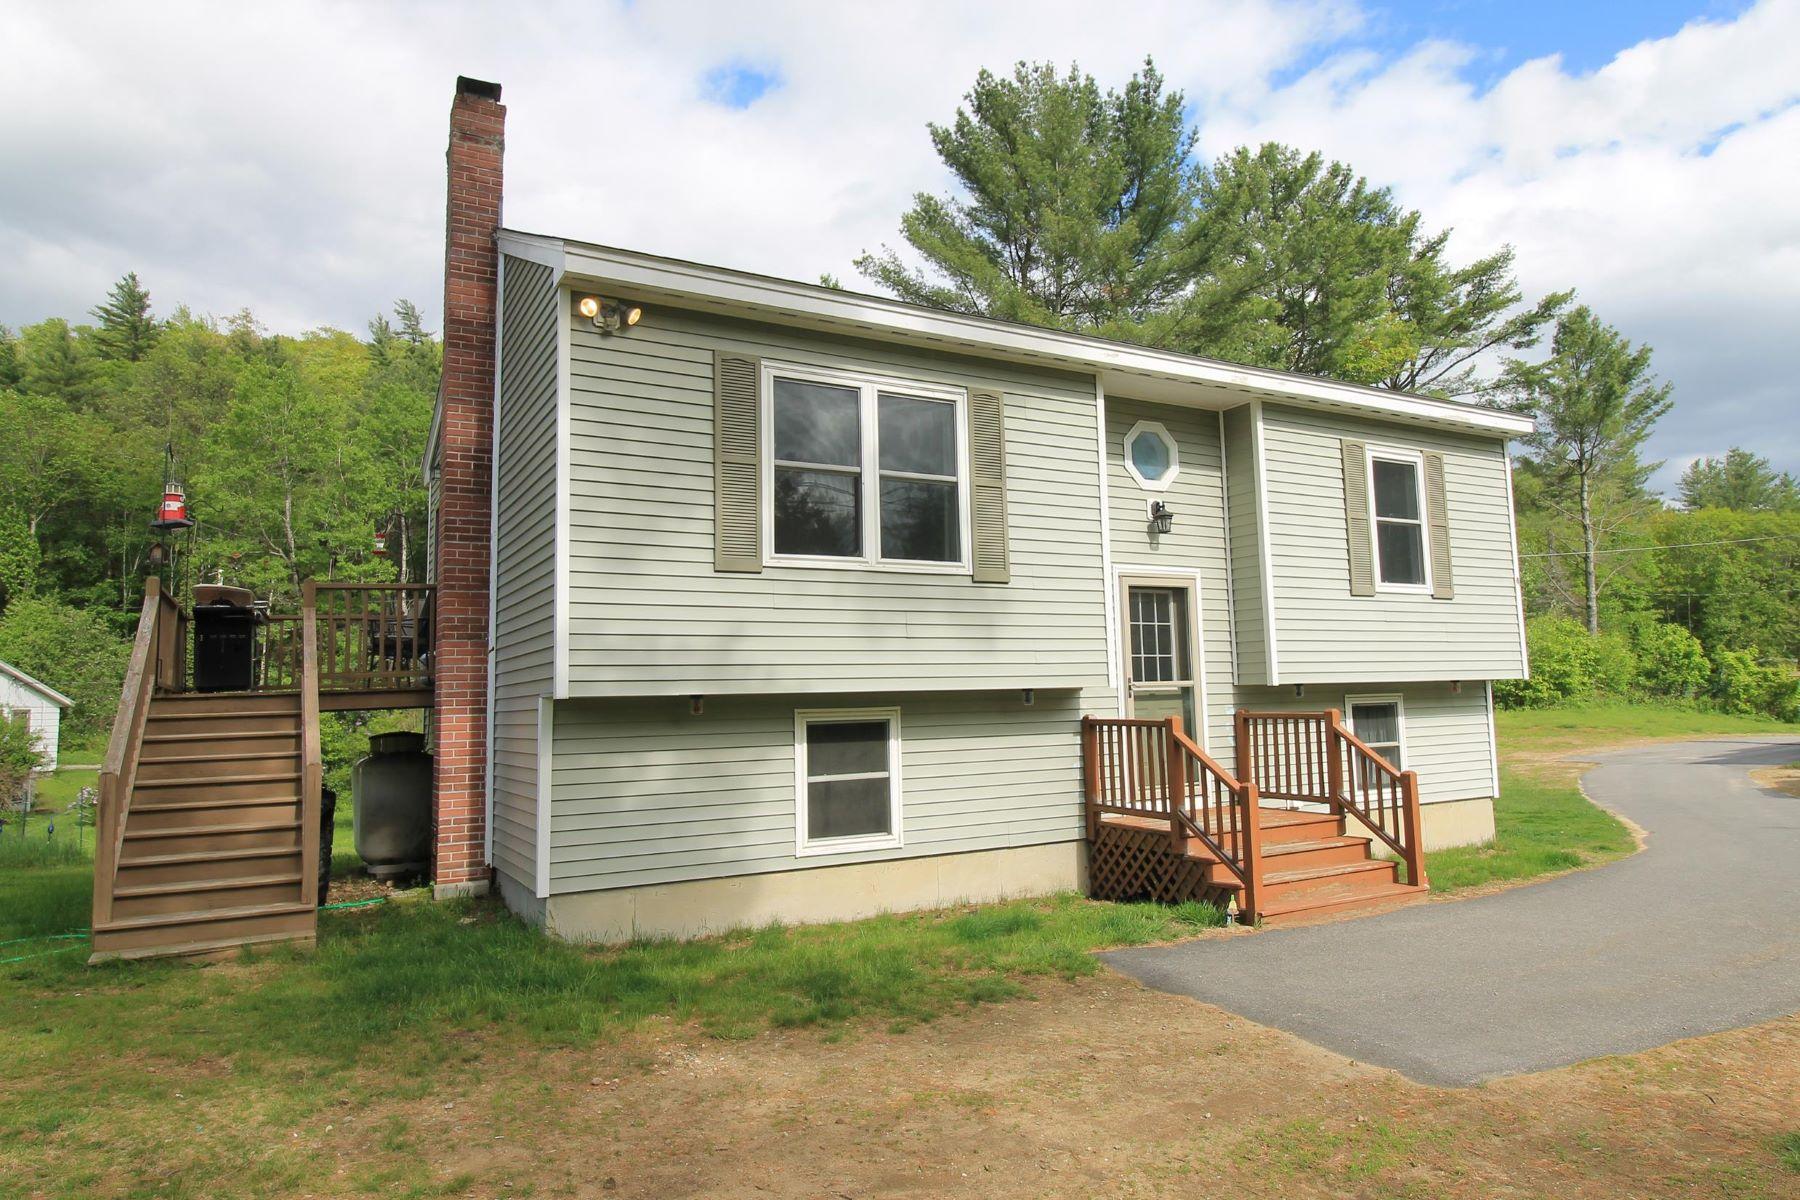 Single Family Homes для того Продажа на Lovely Lempster Home 5 Dero Rd, Lempster, Нью-Гэмпшир 03605 Соединенные Штаты